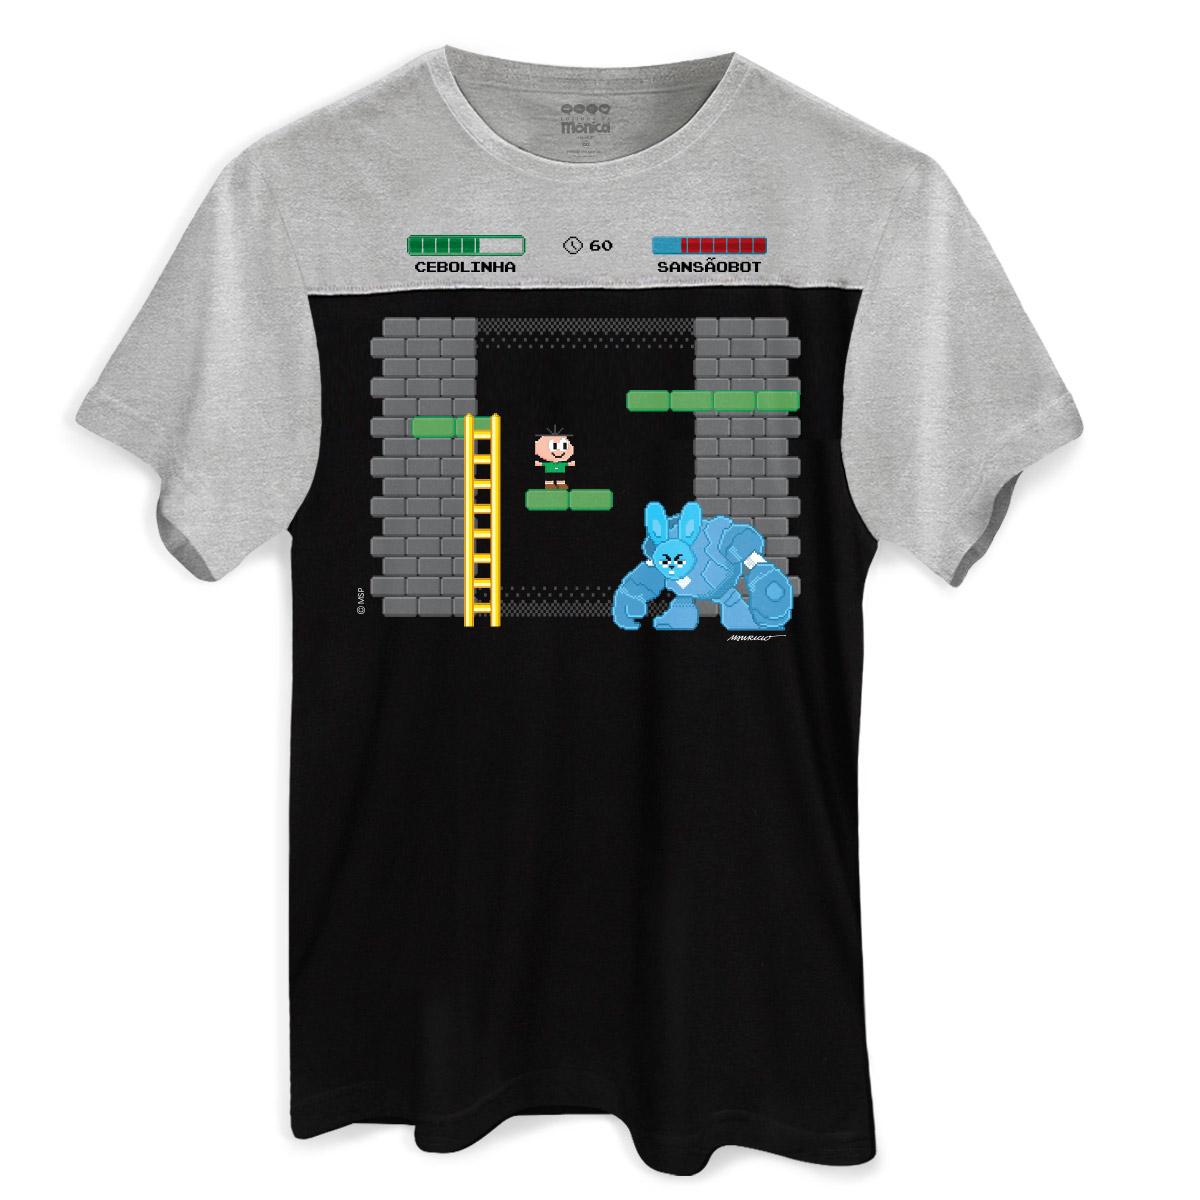 8cdbce95e8 Camiseta Masculina Bicolor Turma da Mônica Cebolinha SansãoBot